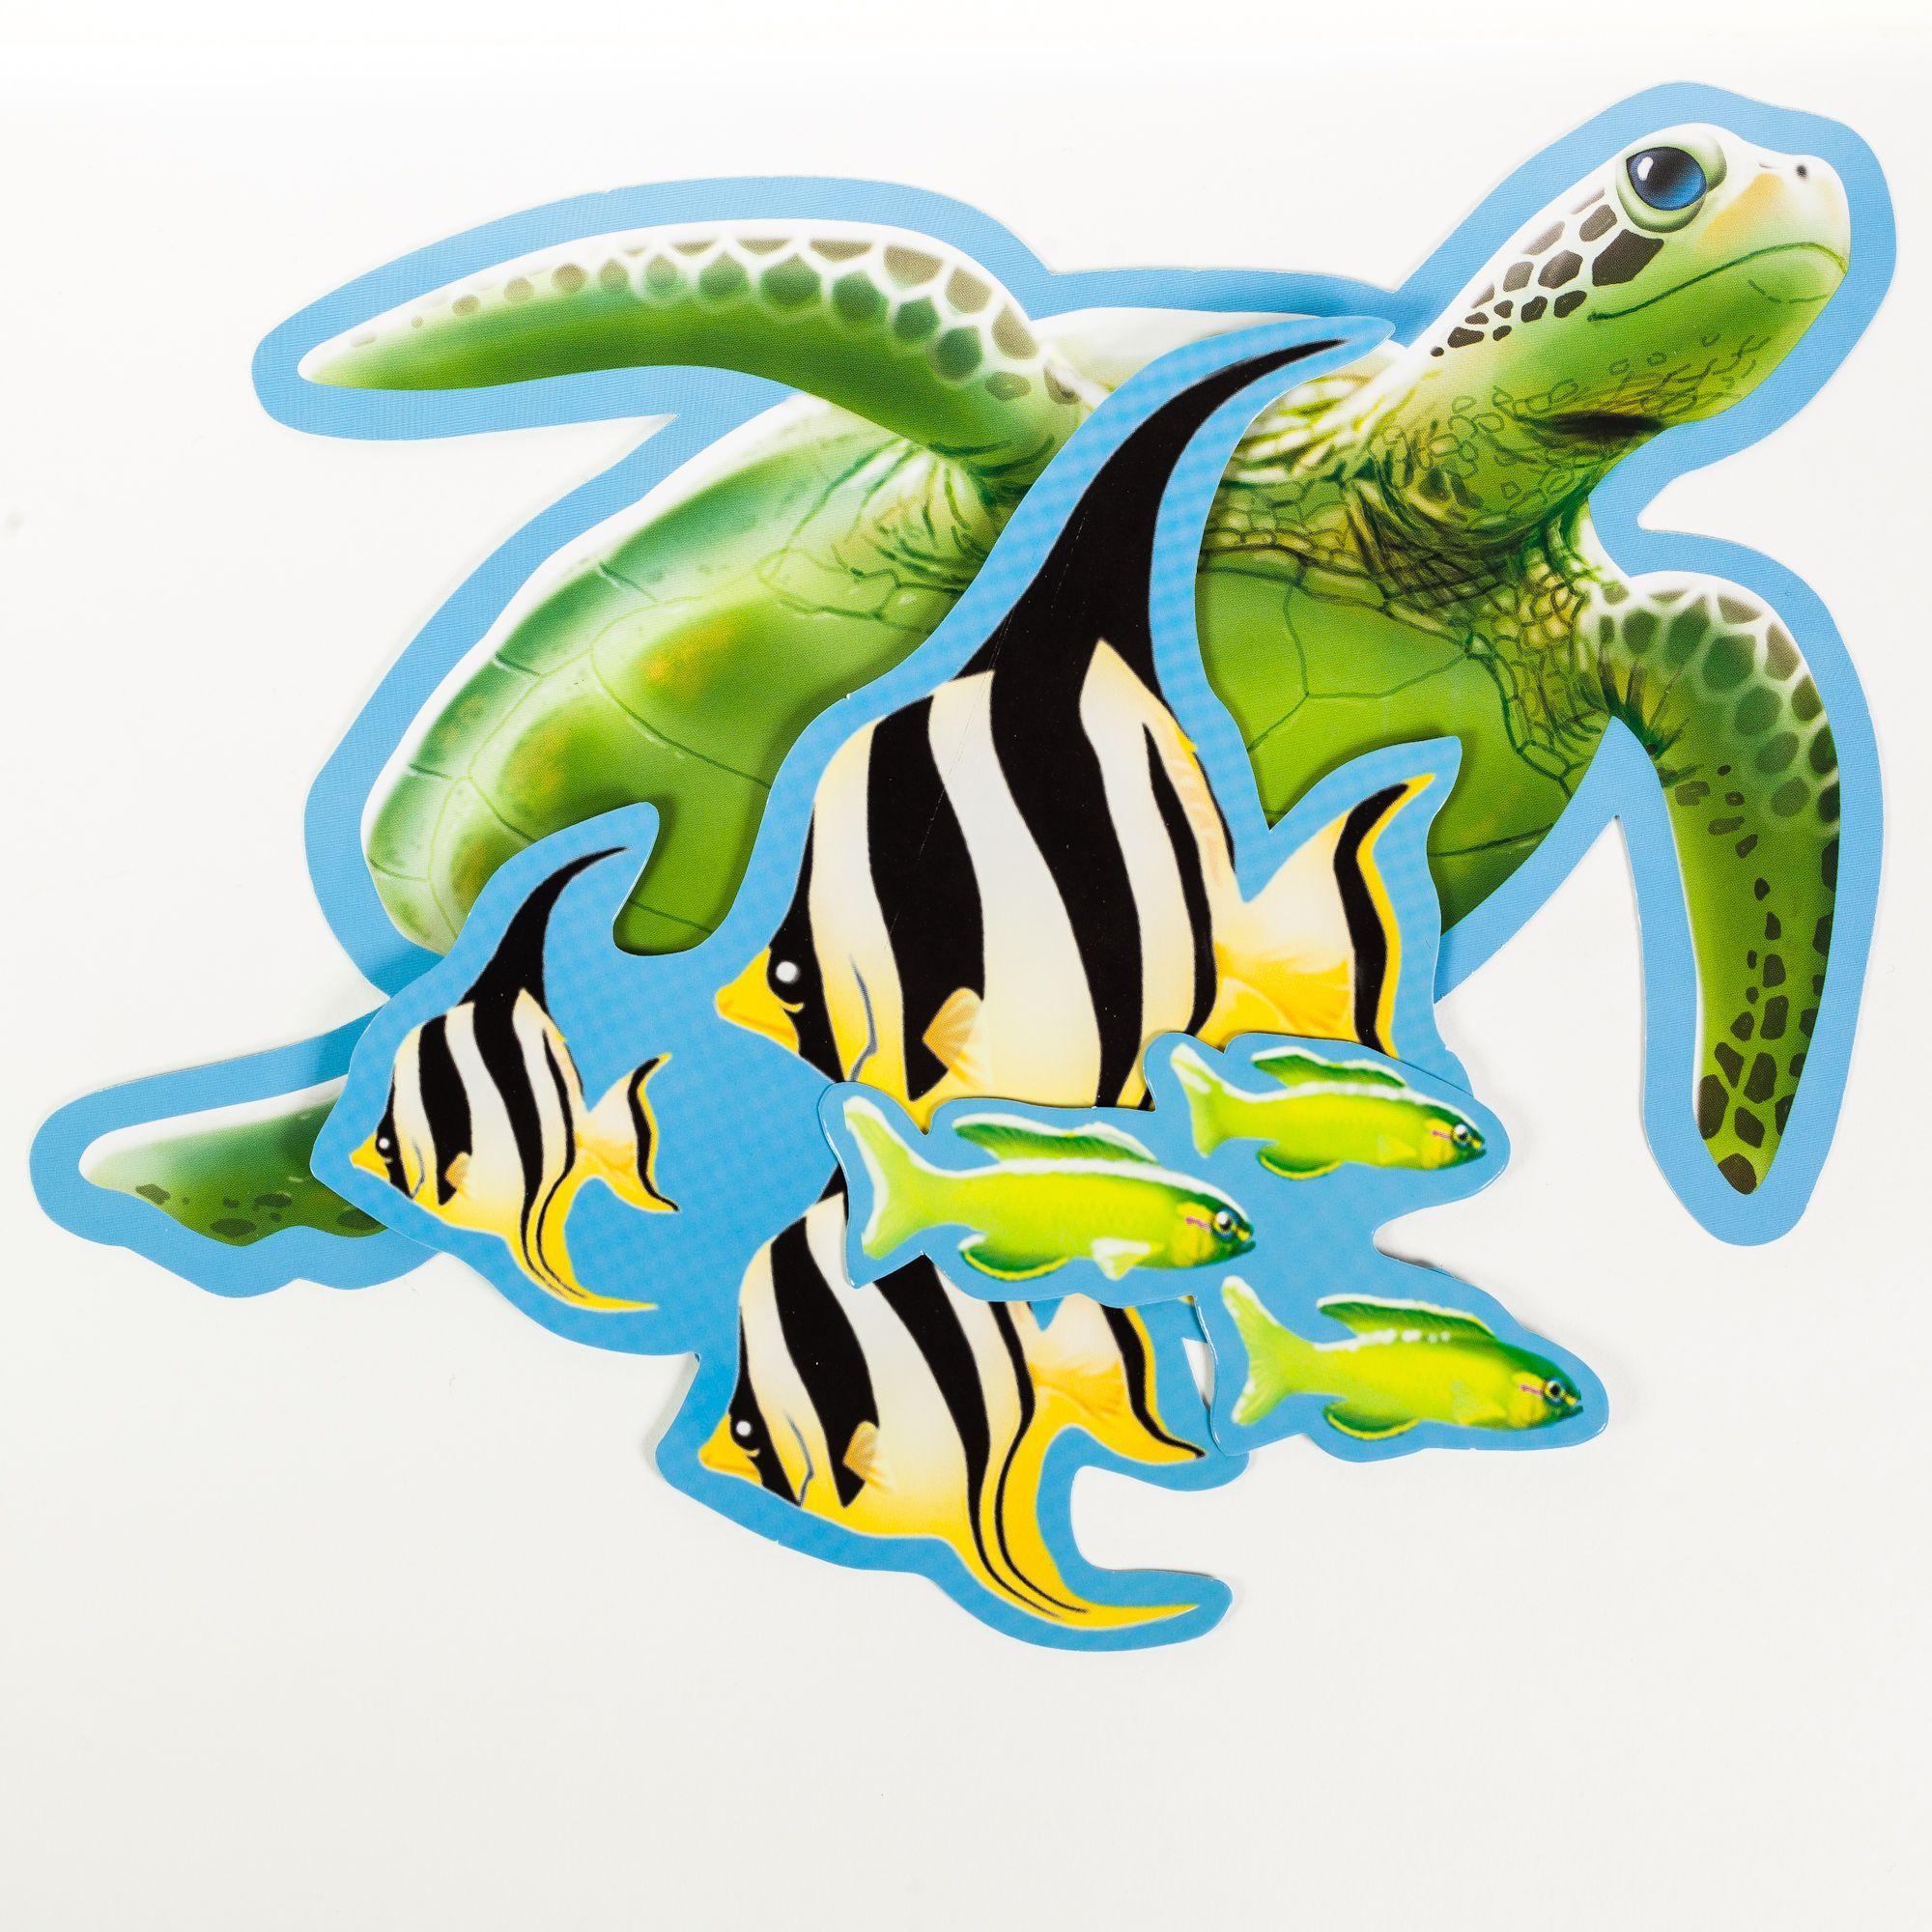 dekotiere unterwasserwelt 7 stück  unterwasserwelt